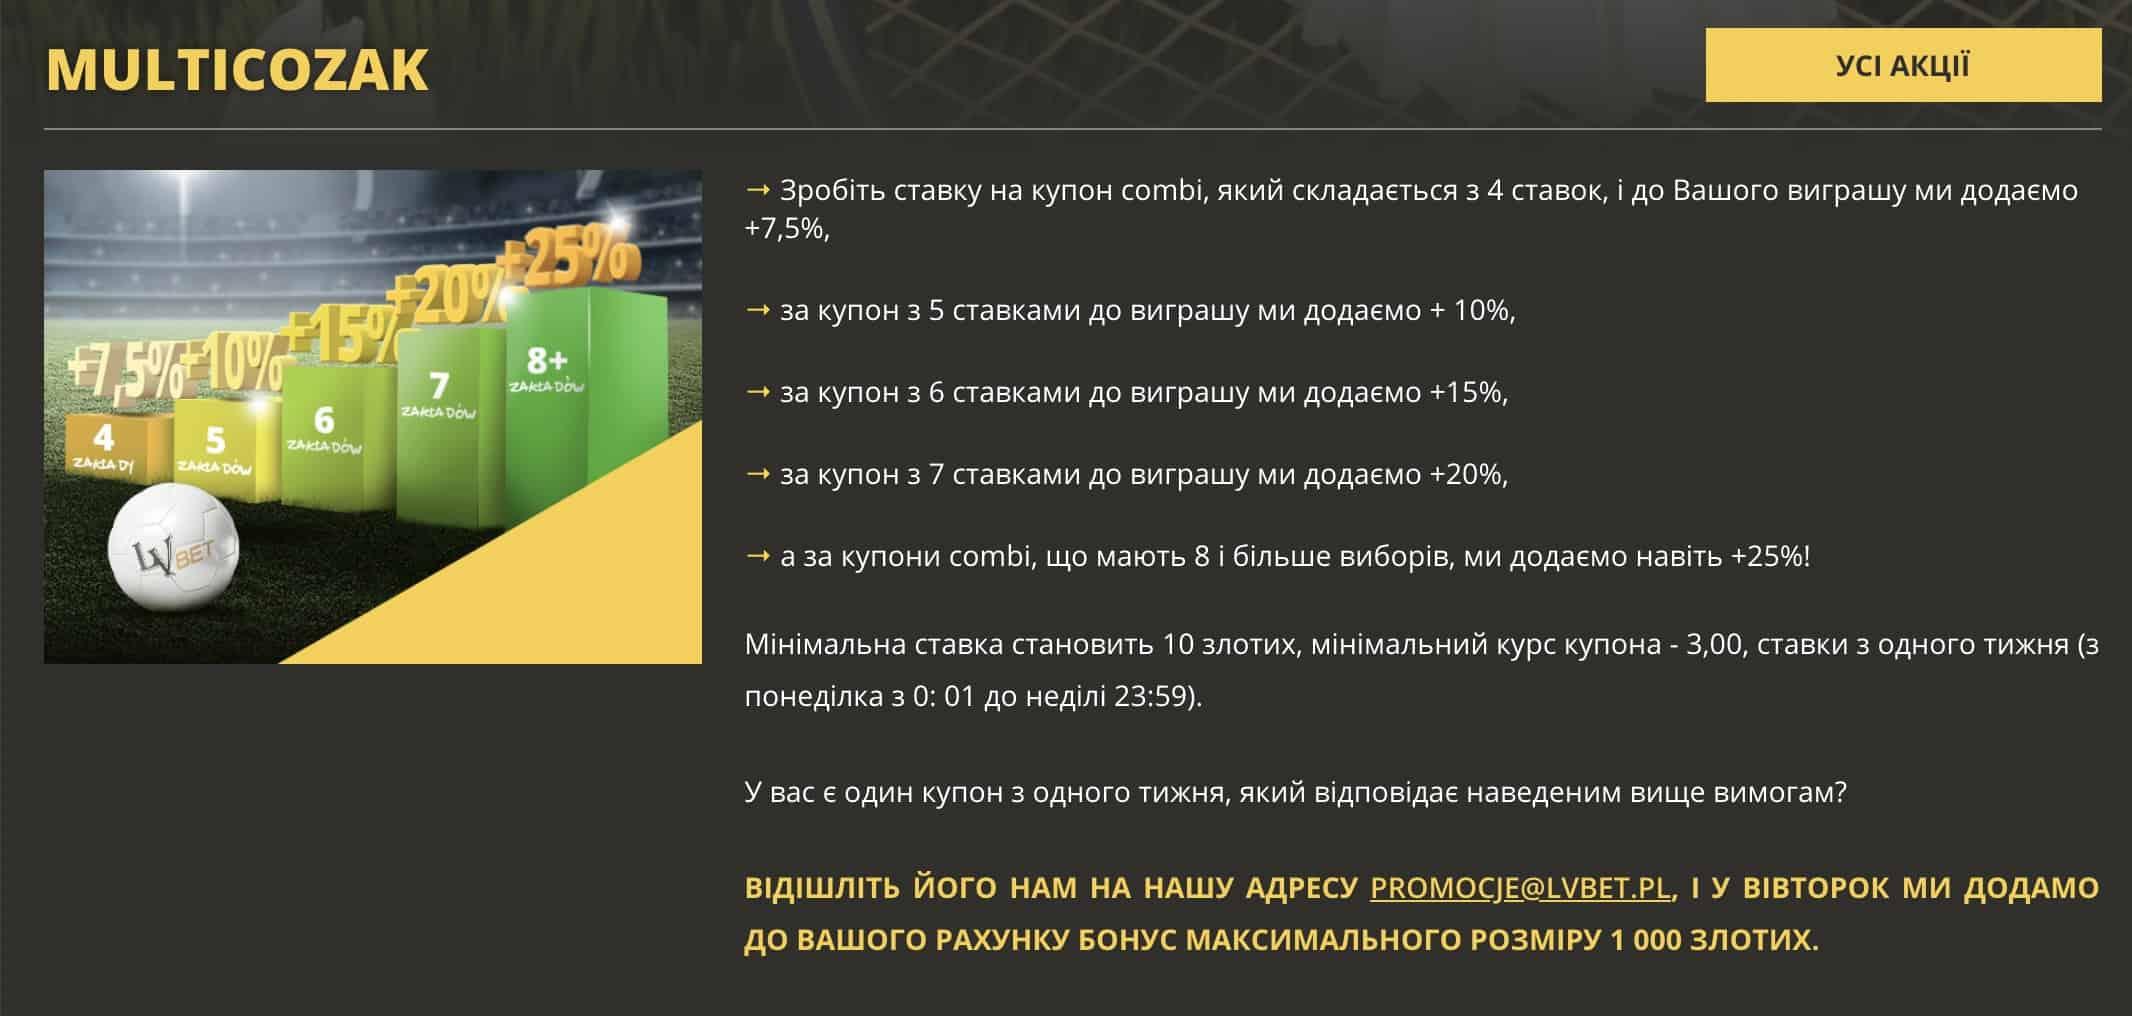 Polski bukmacher dla obywateli Ukrainy